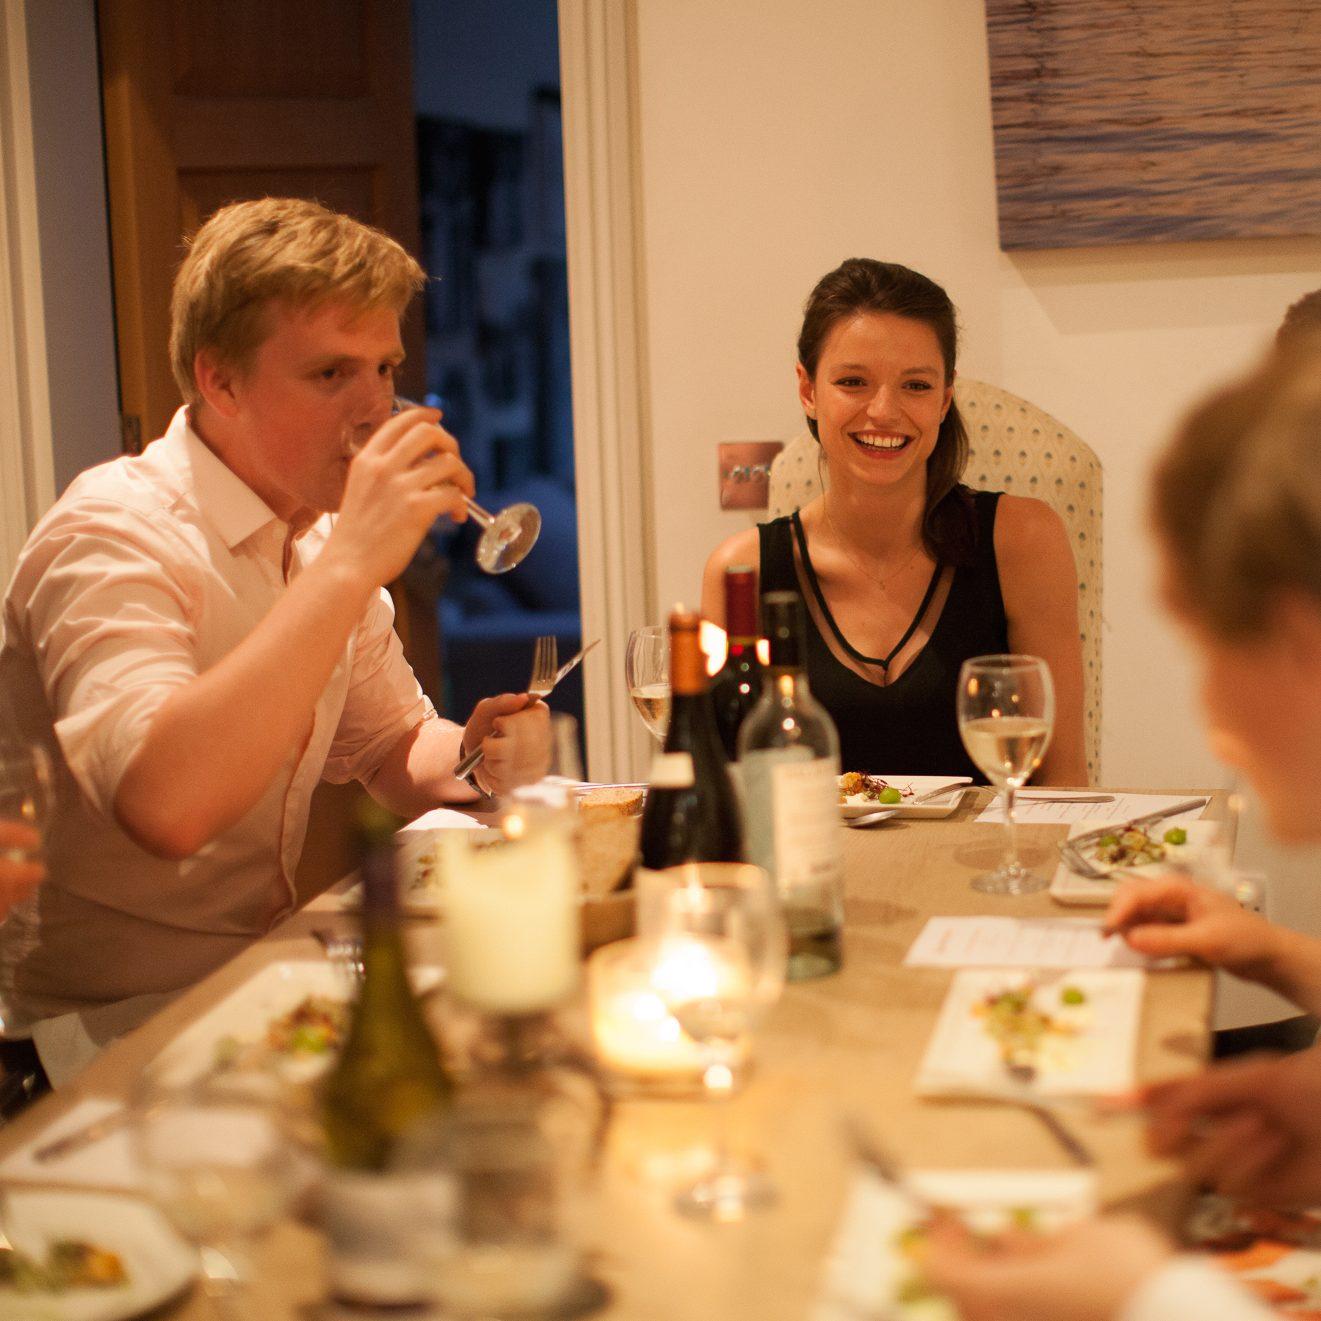 7 id es originales pour animer vos fins de repas la for Idee diner amis